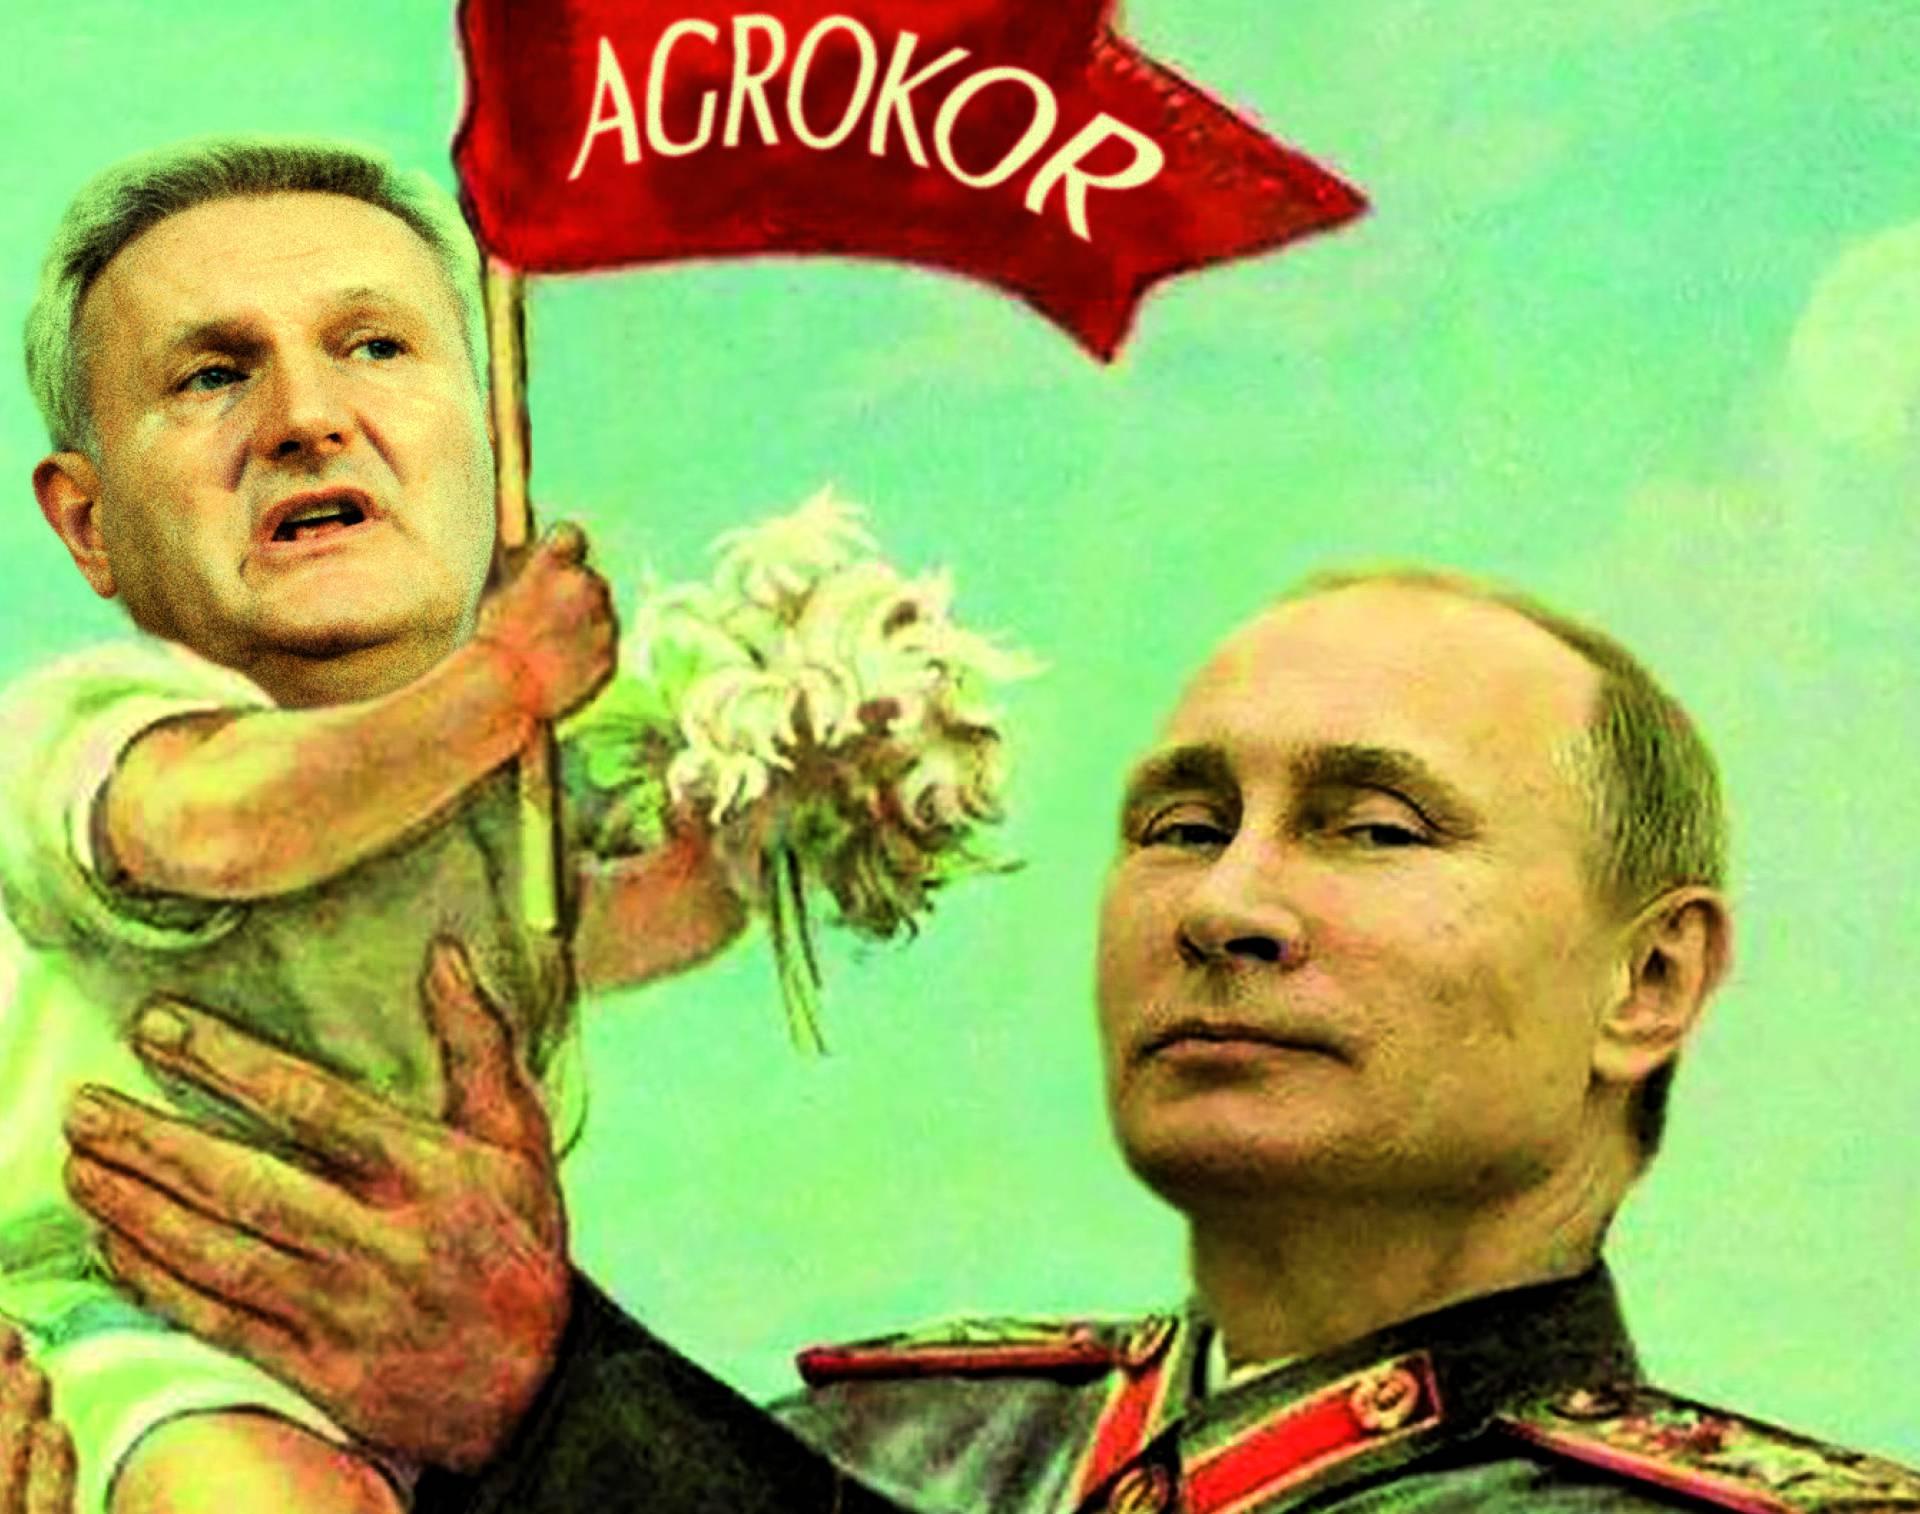 Putinova ponuda: Hrvati, dajte mi Inu, ostavit ću vam Agrokor